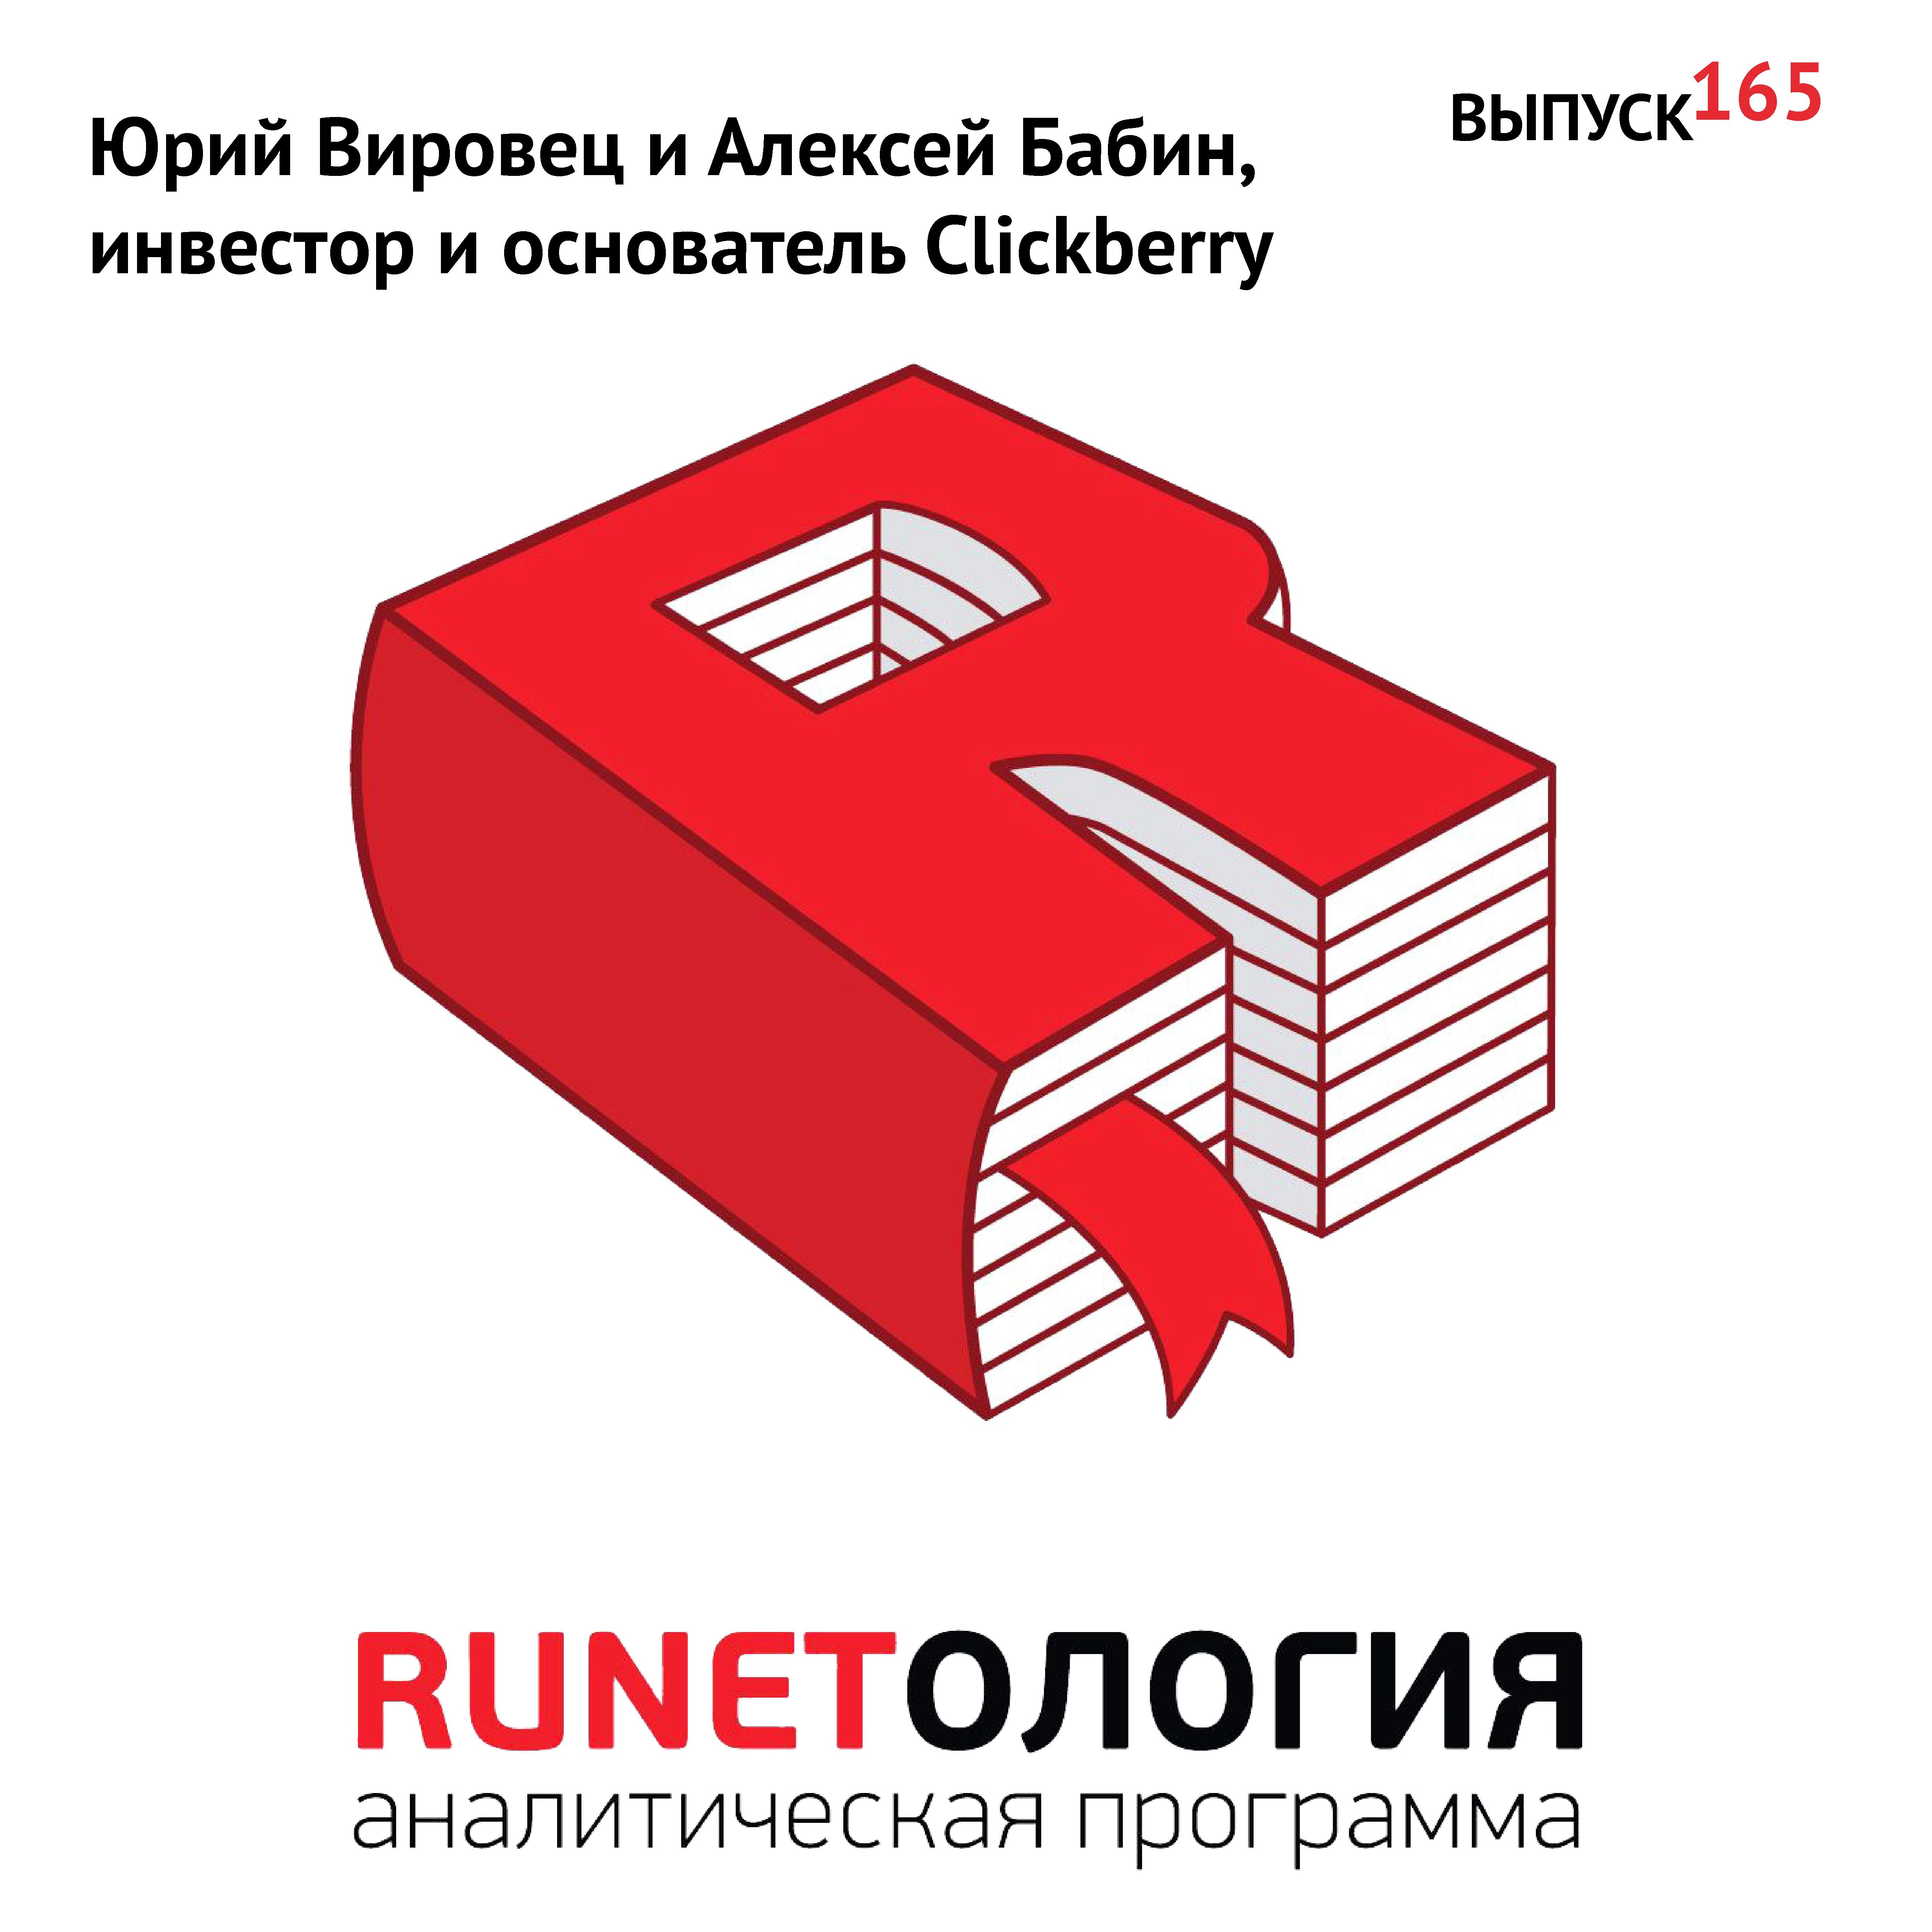 Максим Спиридонов Юрий Вировец и Алексей Бабин, инвестор и основатель Clickberry